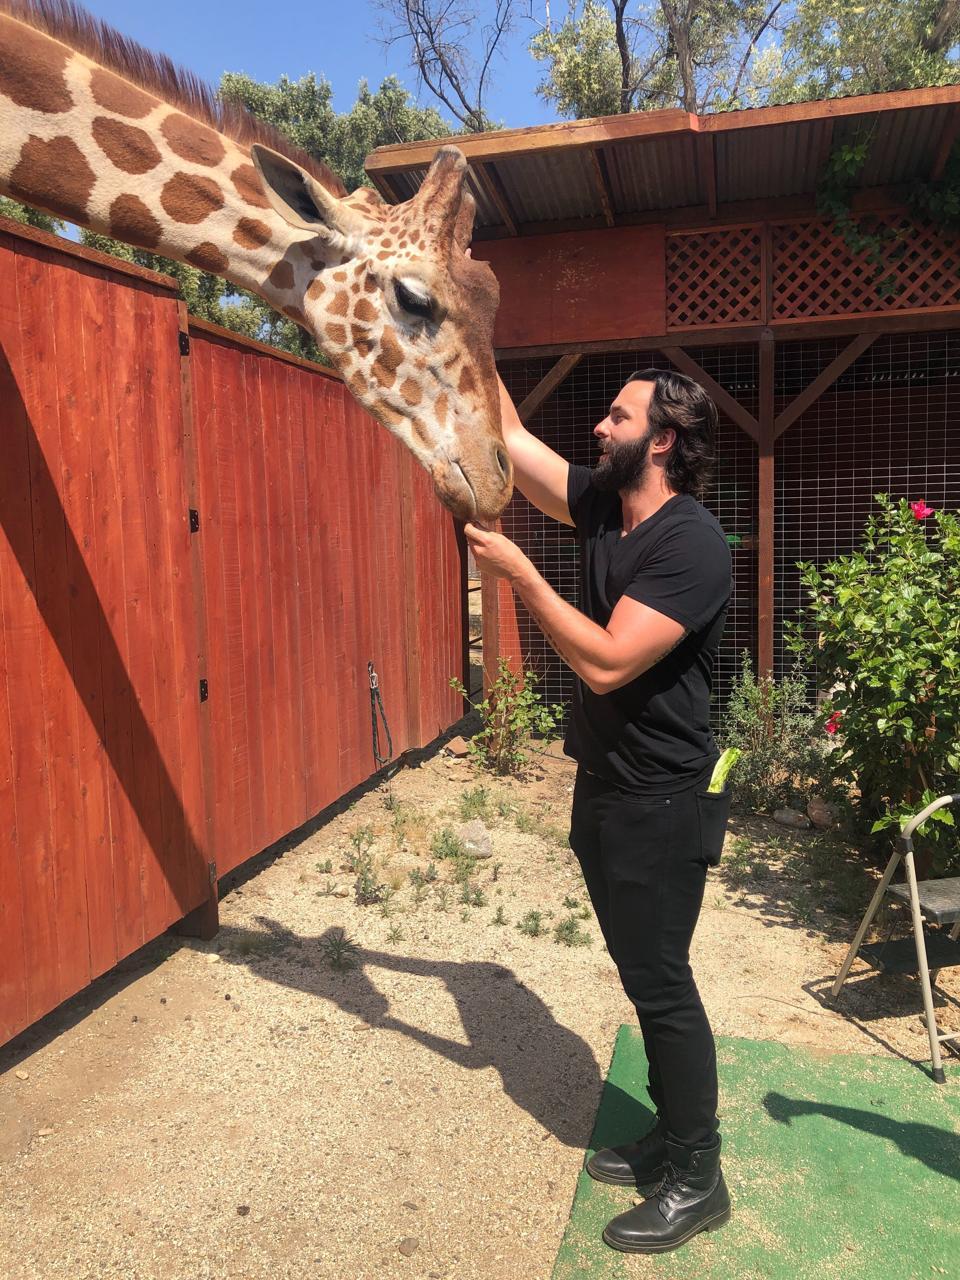 Travis rehabilitating animals